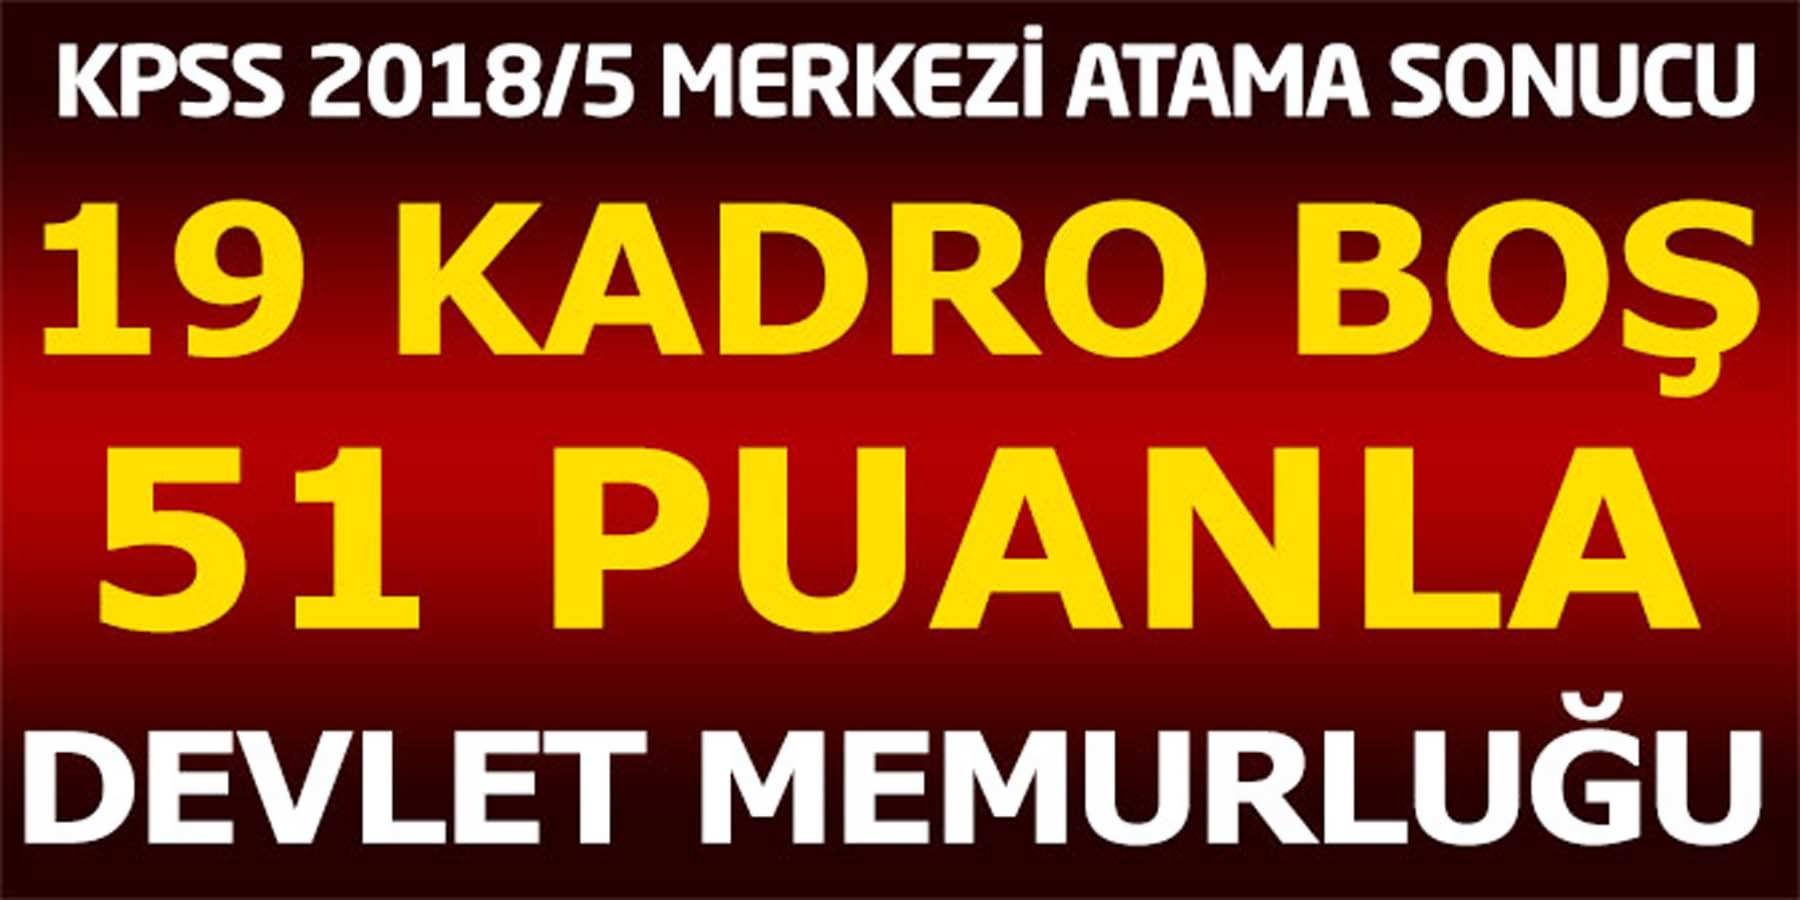 2018/5 Merkezi Atama Sonucunda 19 Kadro Boş 51 Puanla Devlet Memurluğu